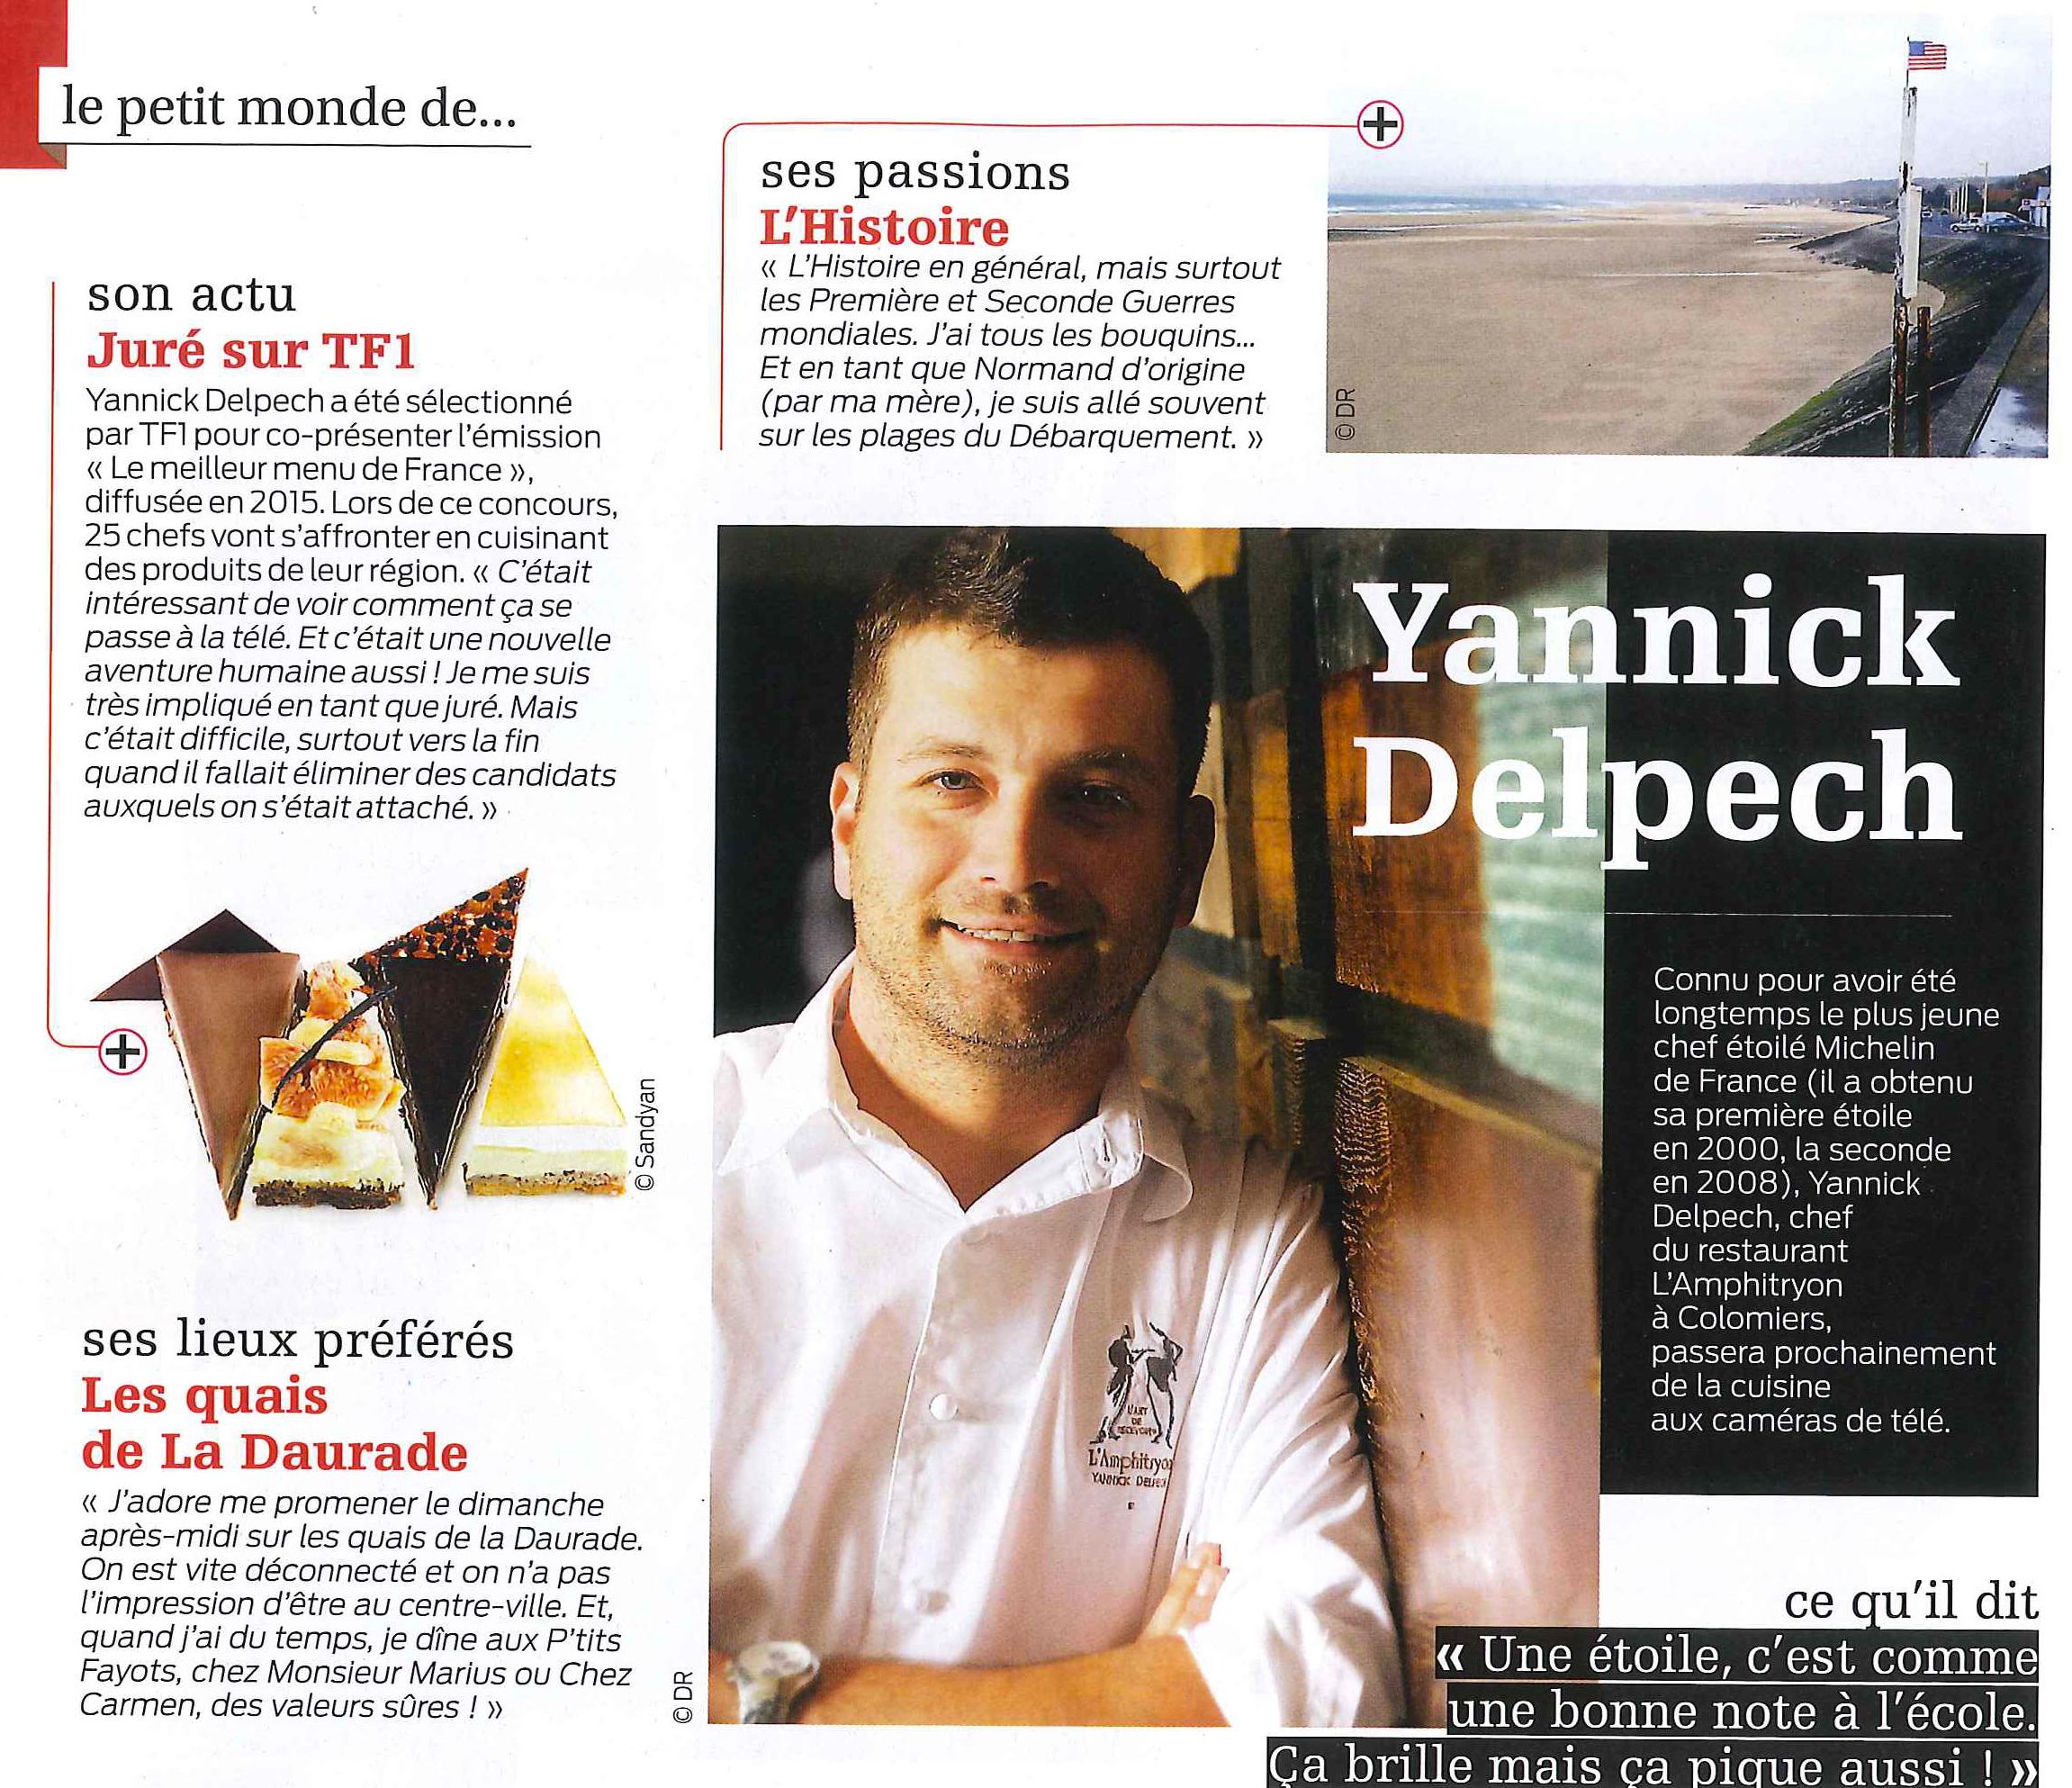 Le petit monde de Yannick Delpech